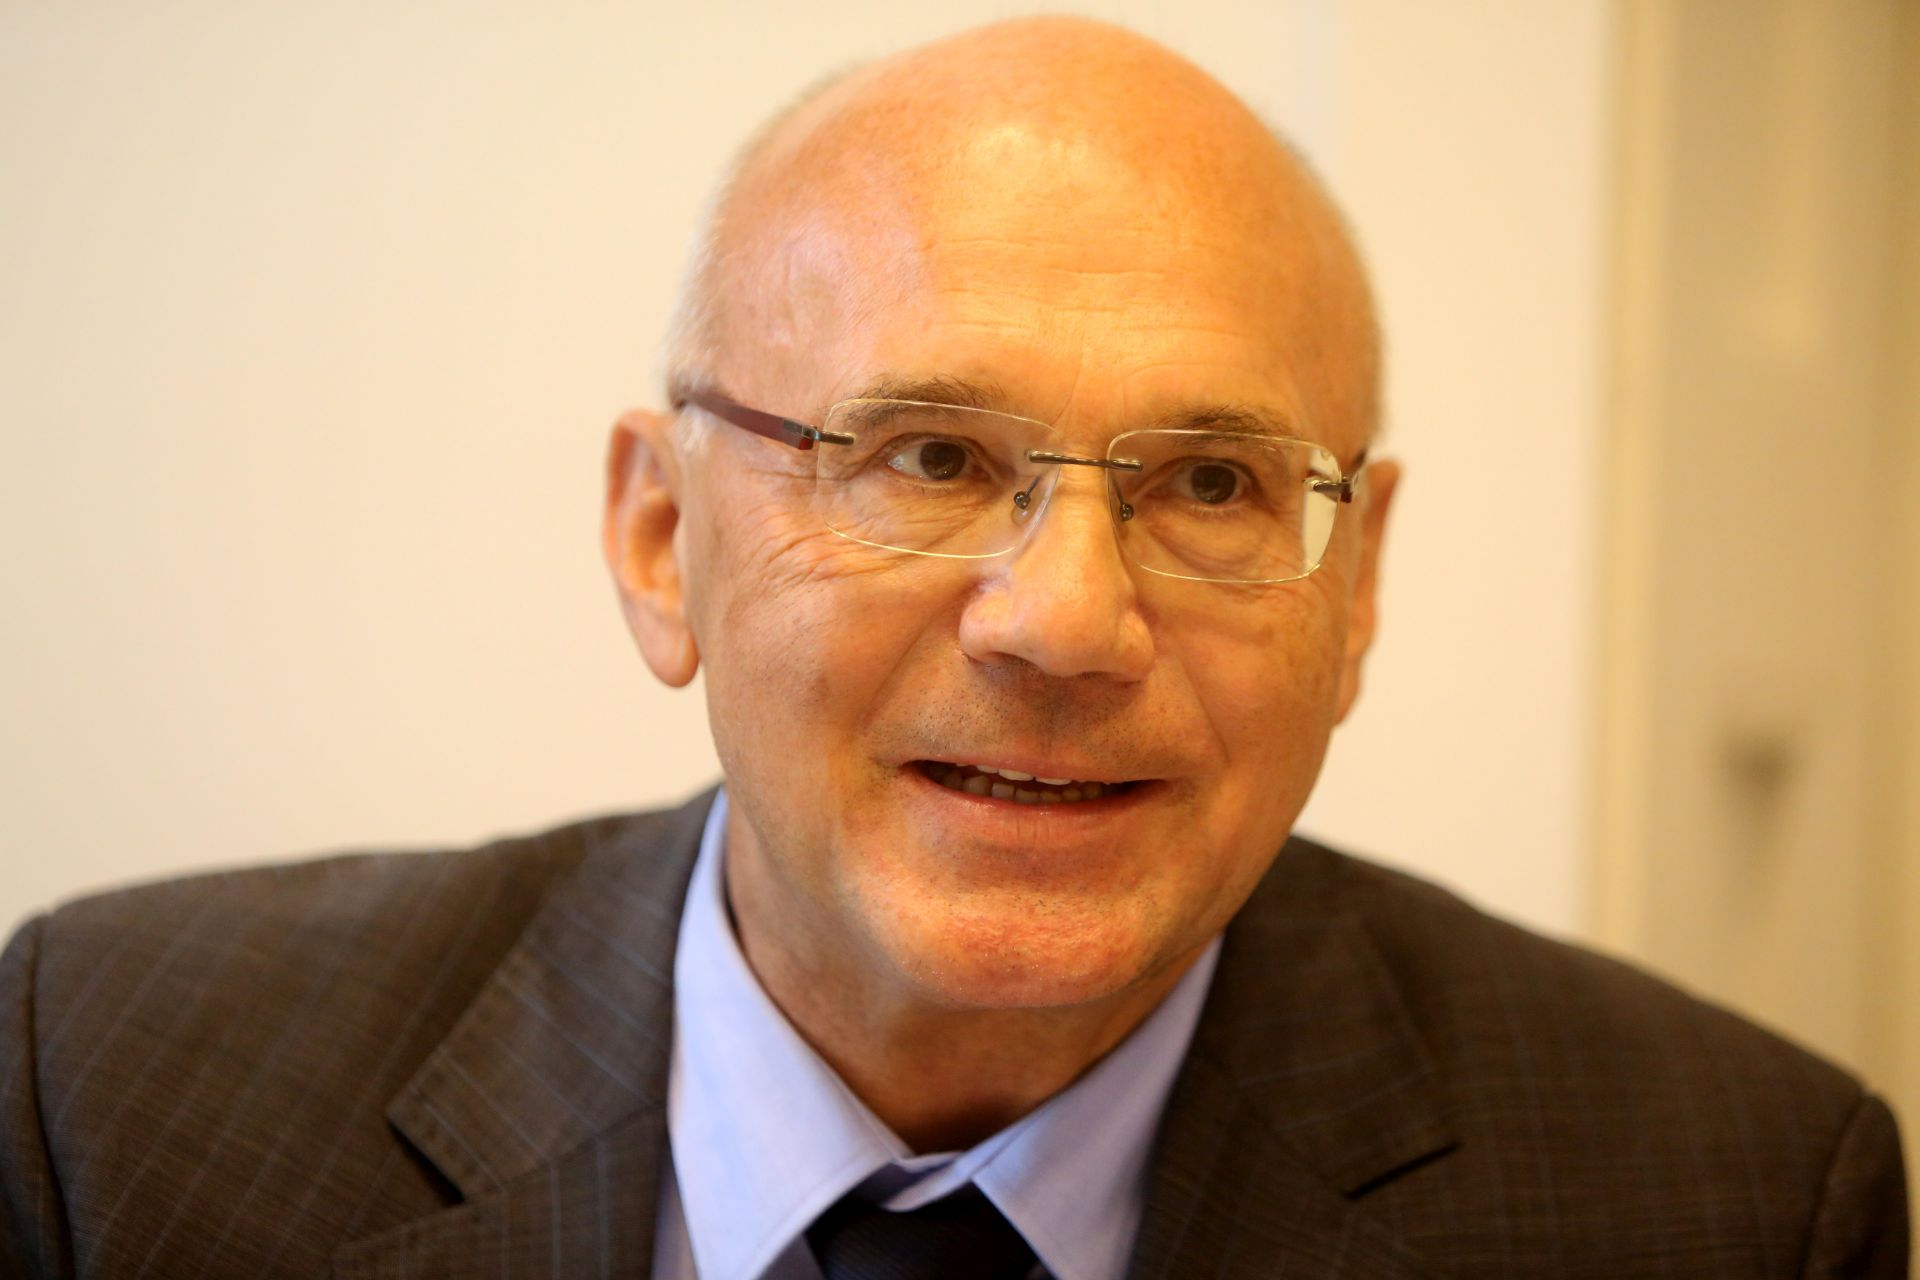 GLAVAŠEV ODVJETNIK: 'Odluka Vrhovnog suda u potpunosti očekivana'